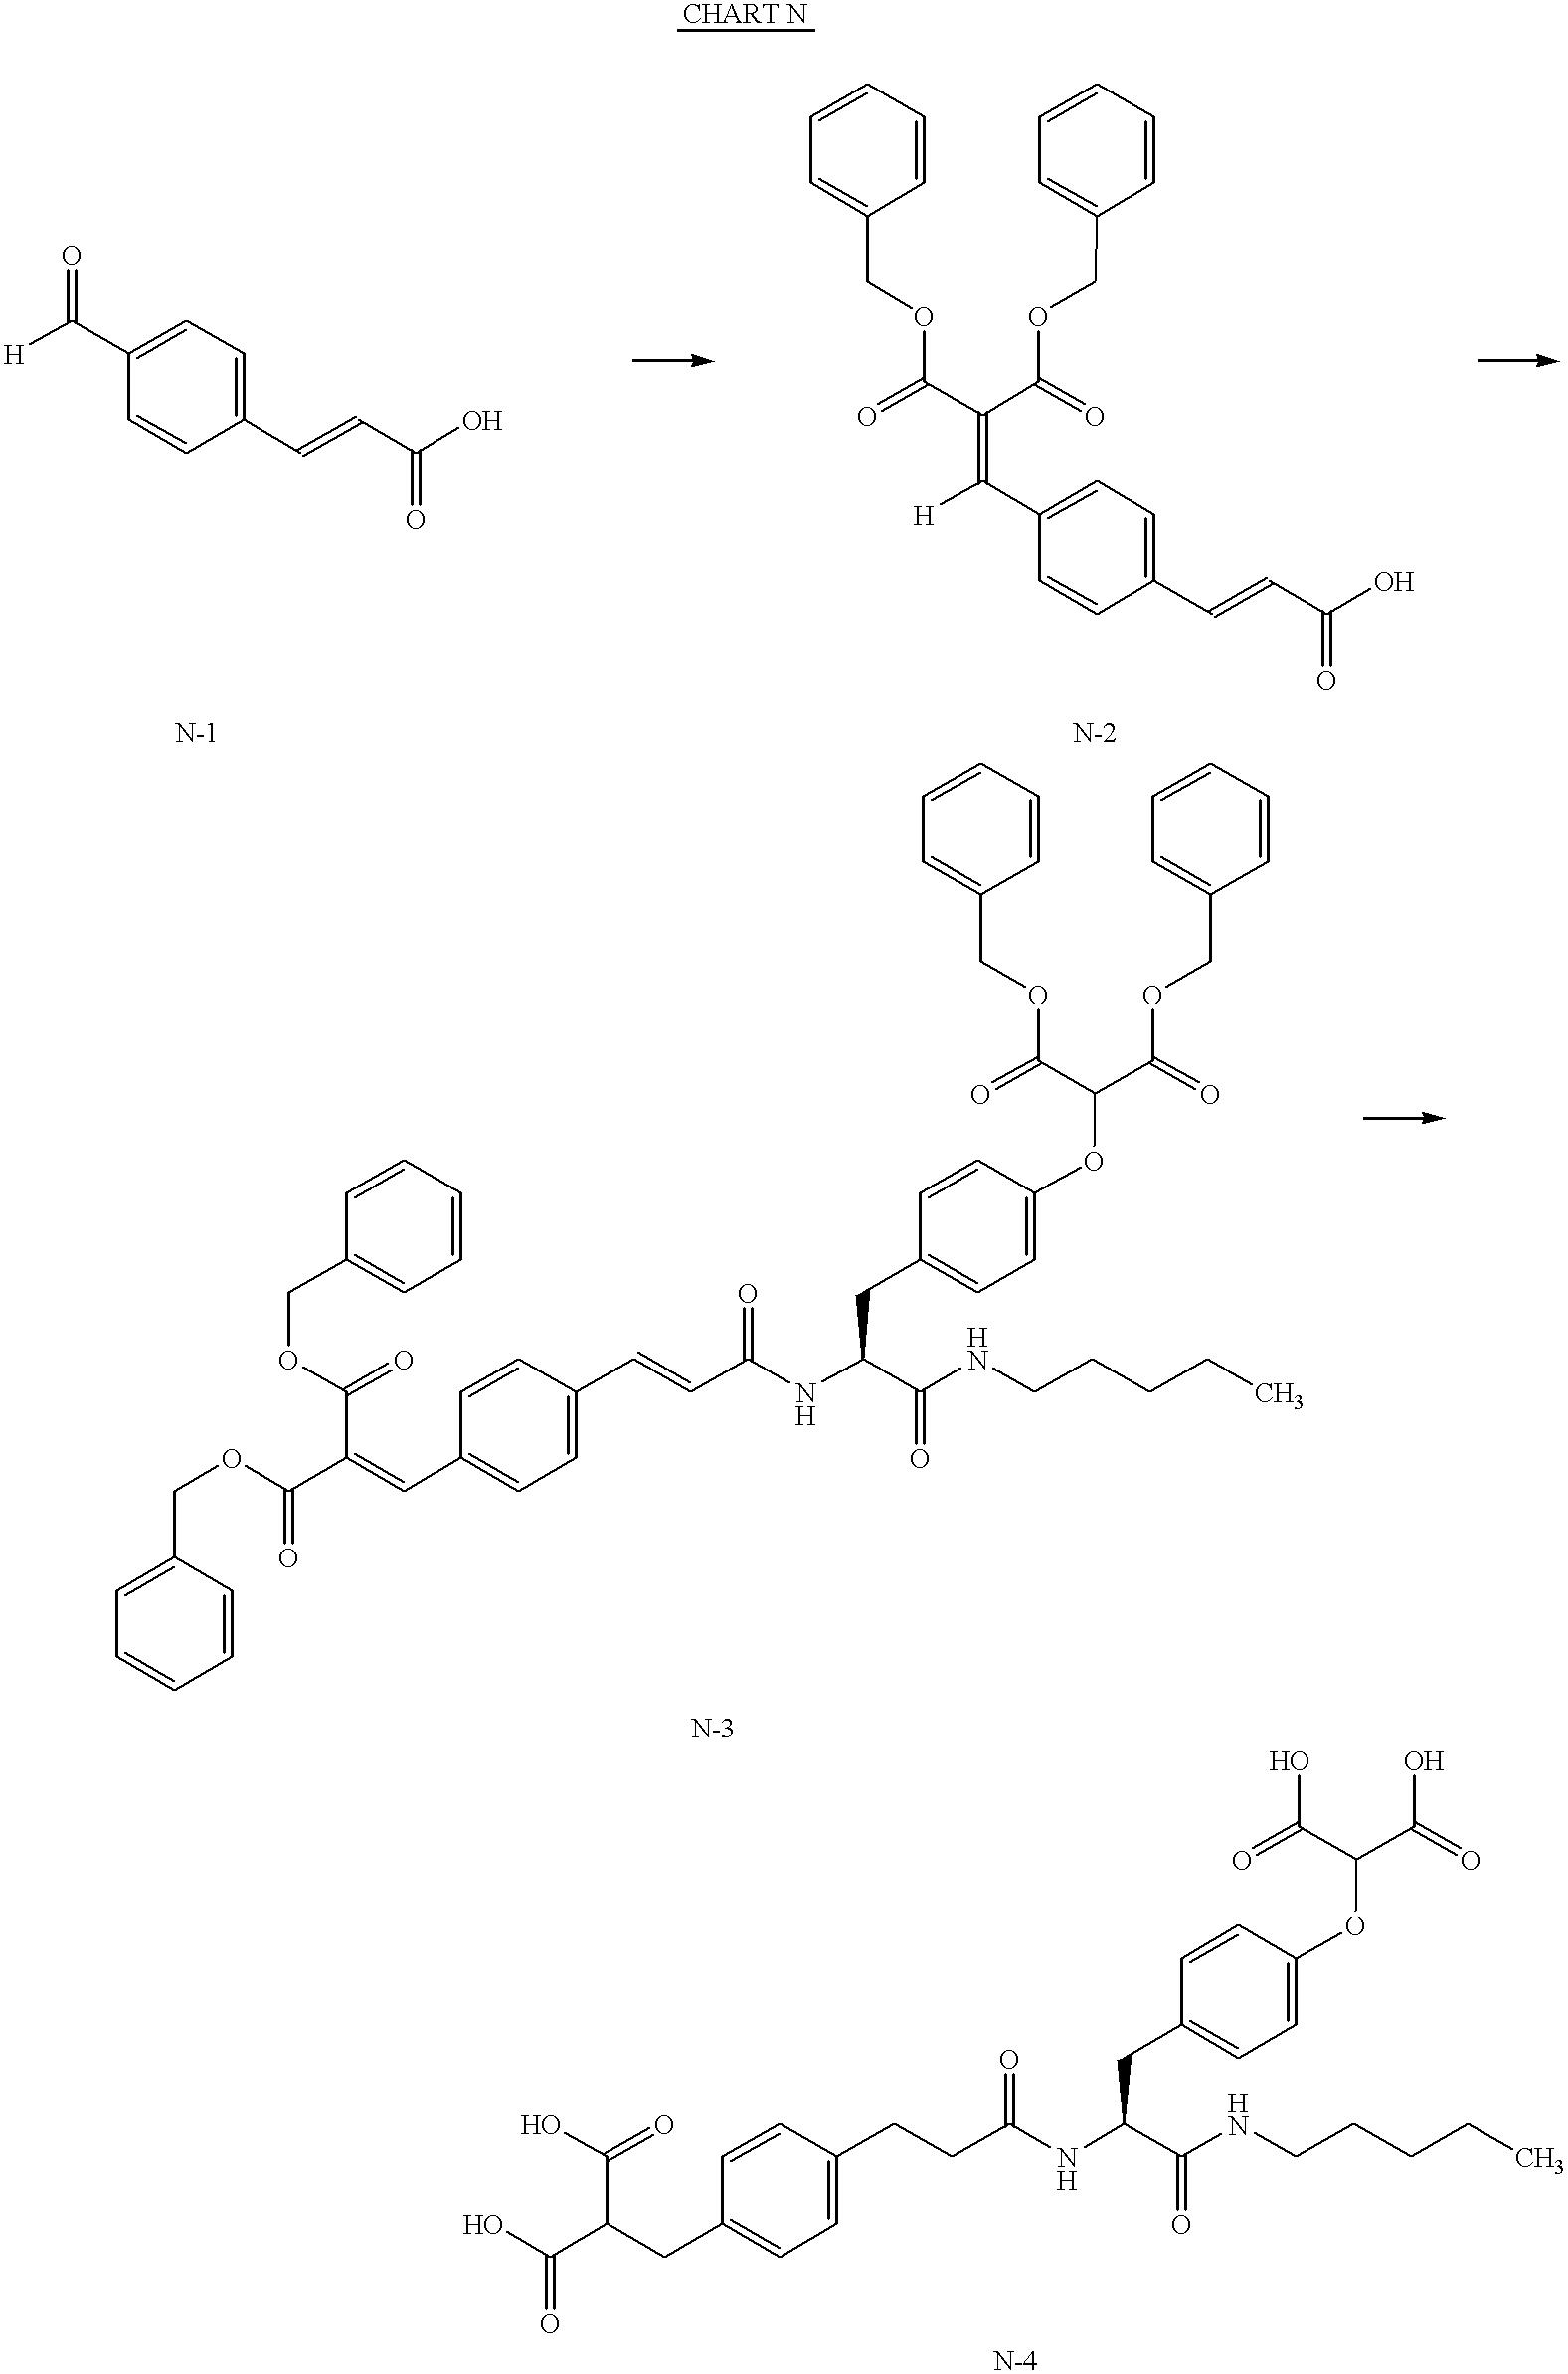 Figure US06410585-20020625-C00050